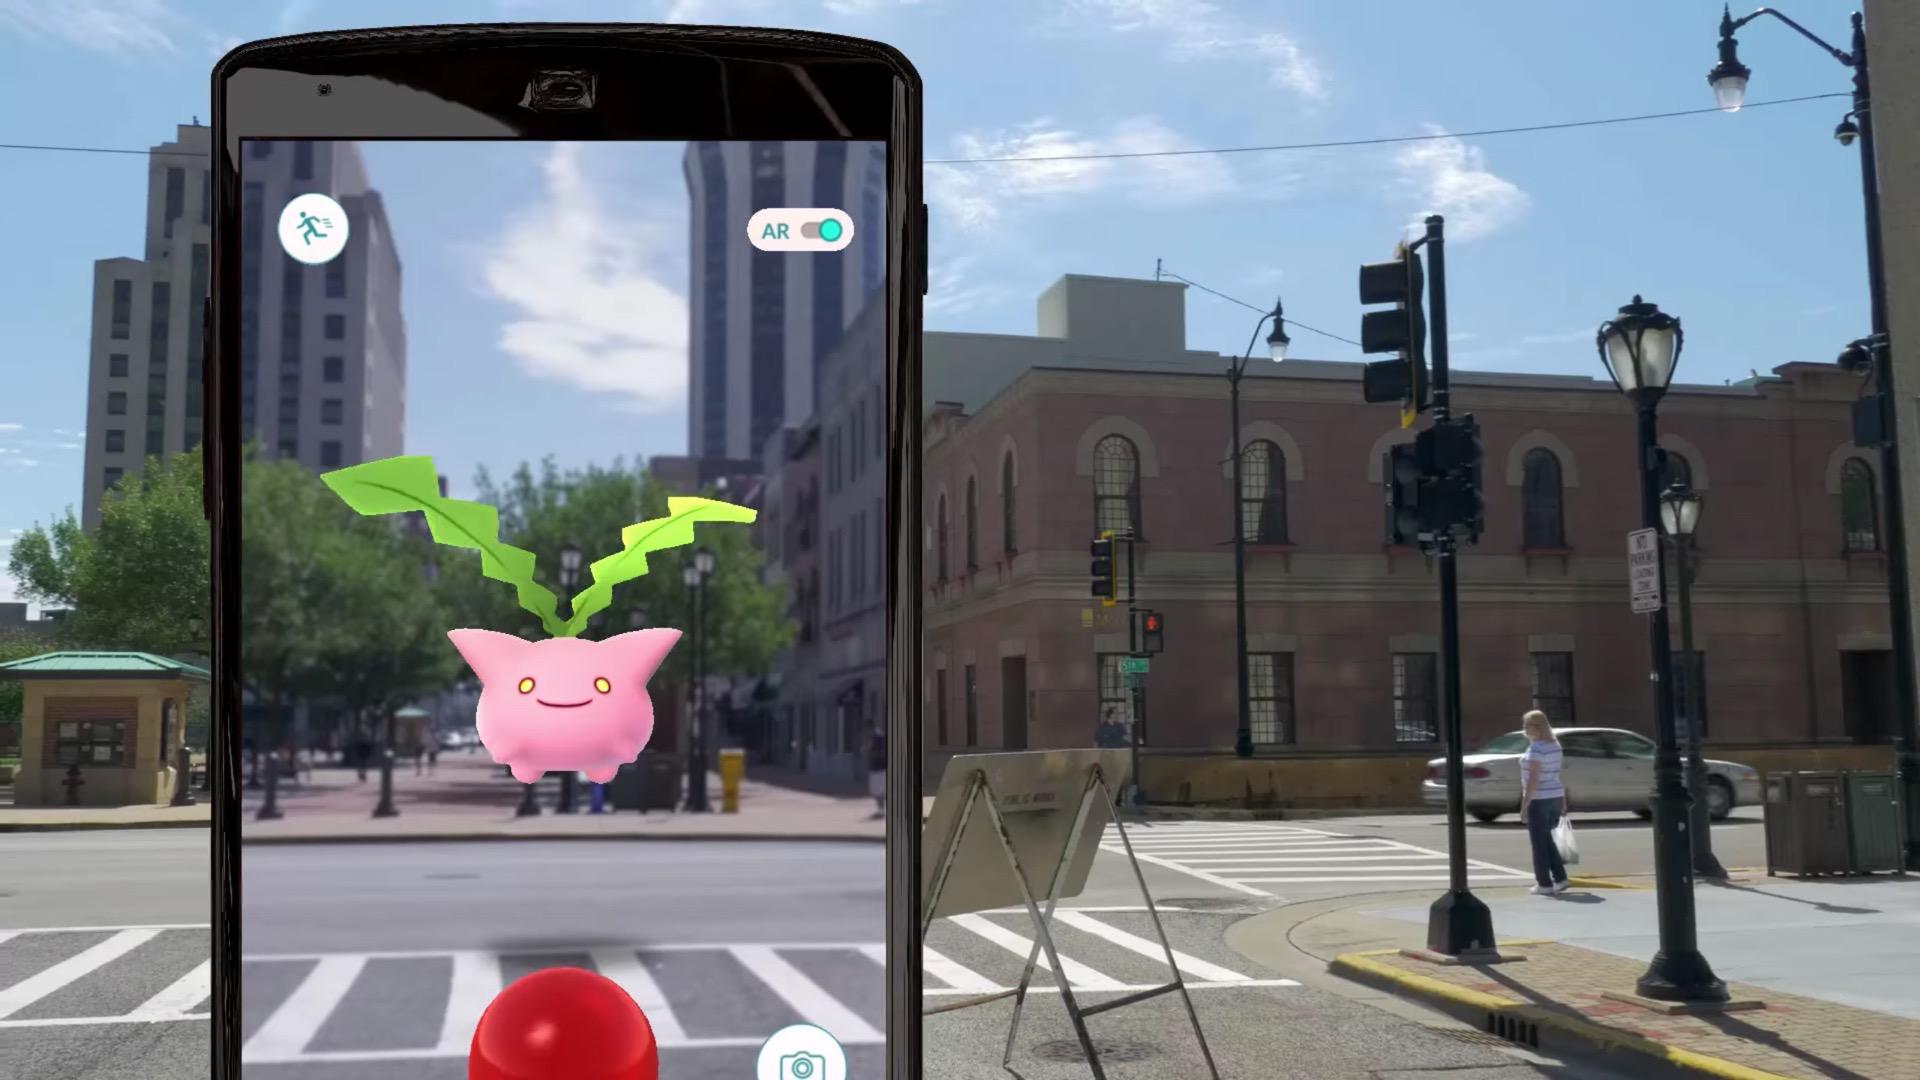 Pokémon GO jhoto1